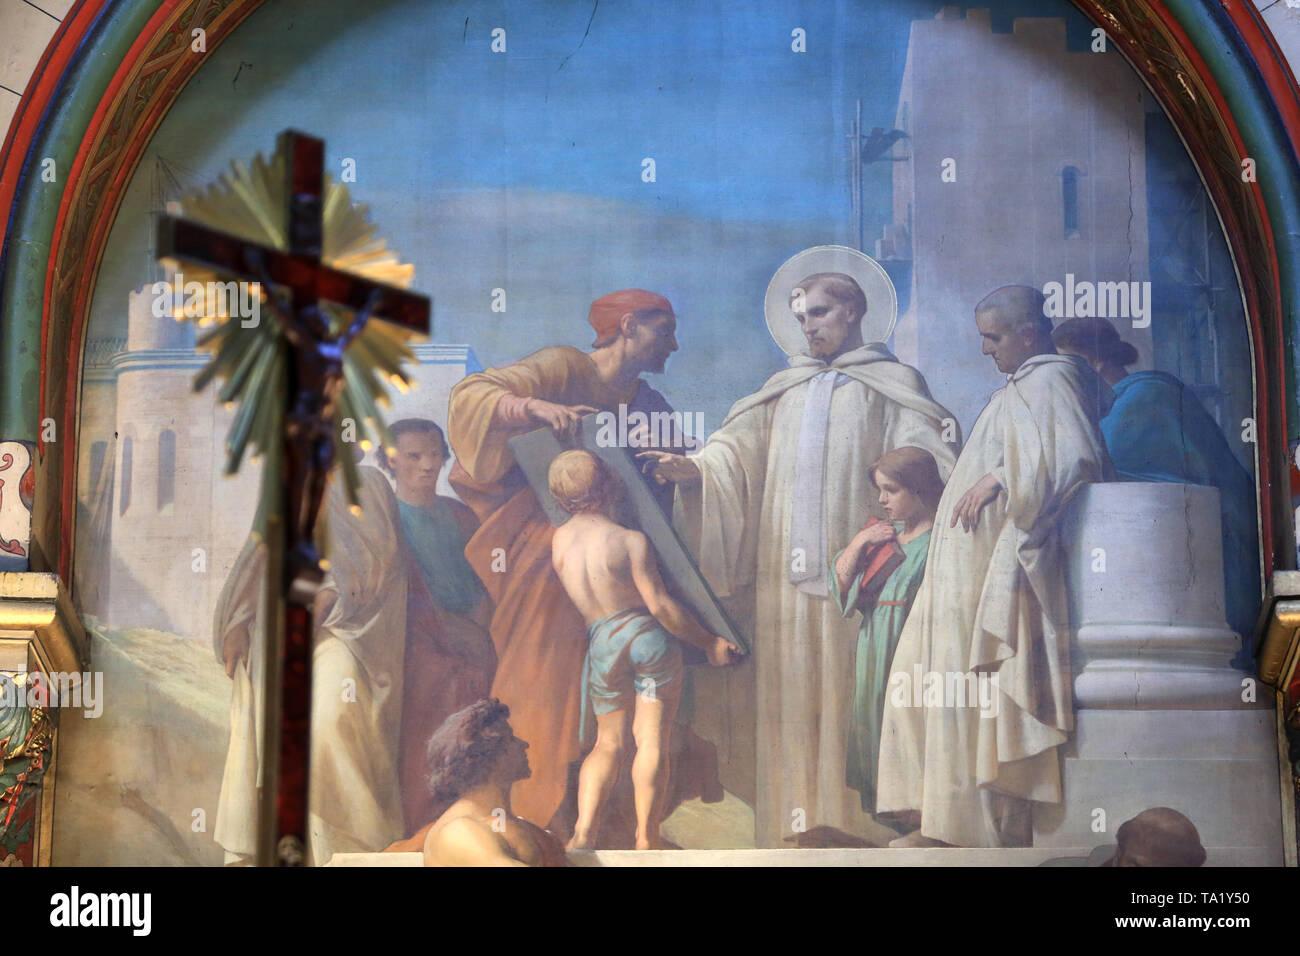 La Vie de Cook: la construction de Sohn monastère. Eglise Cook. Saint-Cloud. Das Leben des Heiligen Clodoald. Kirche St. Clodoald. Stockbild